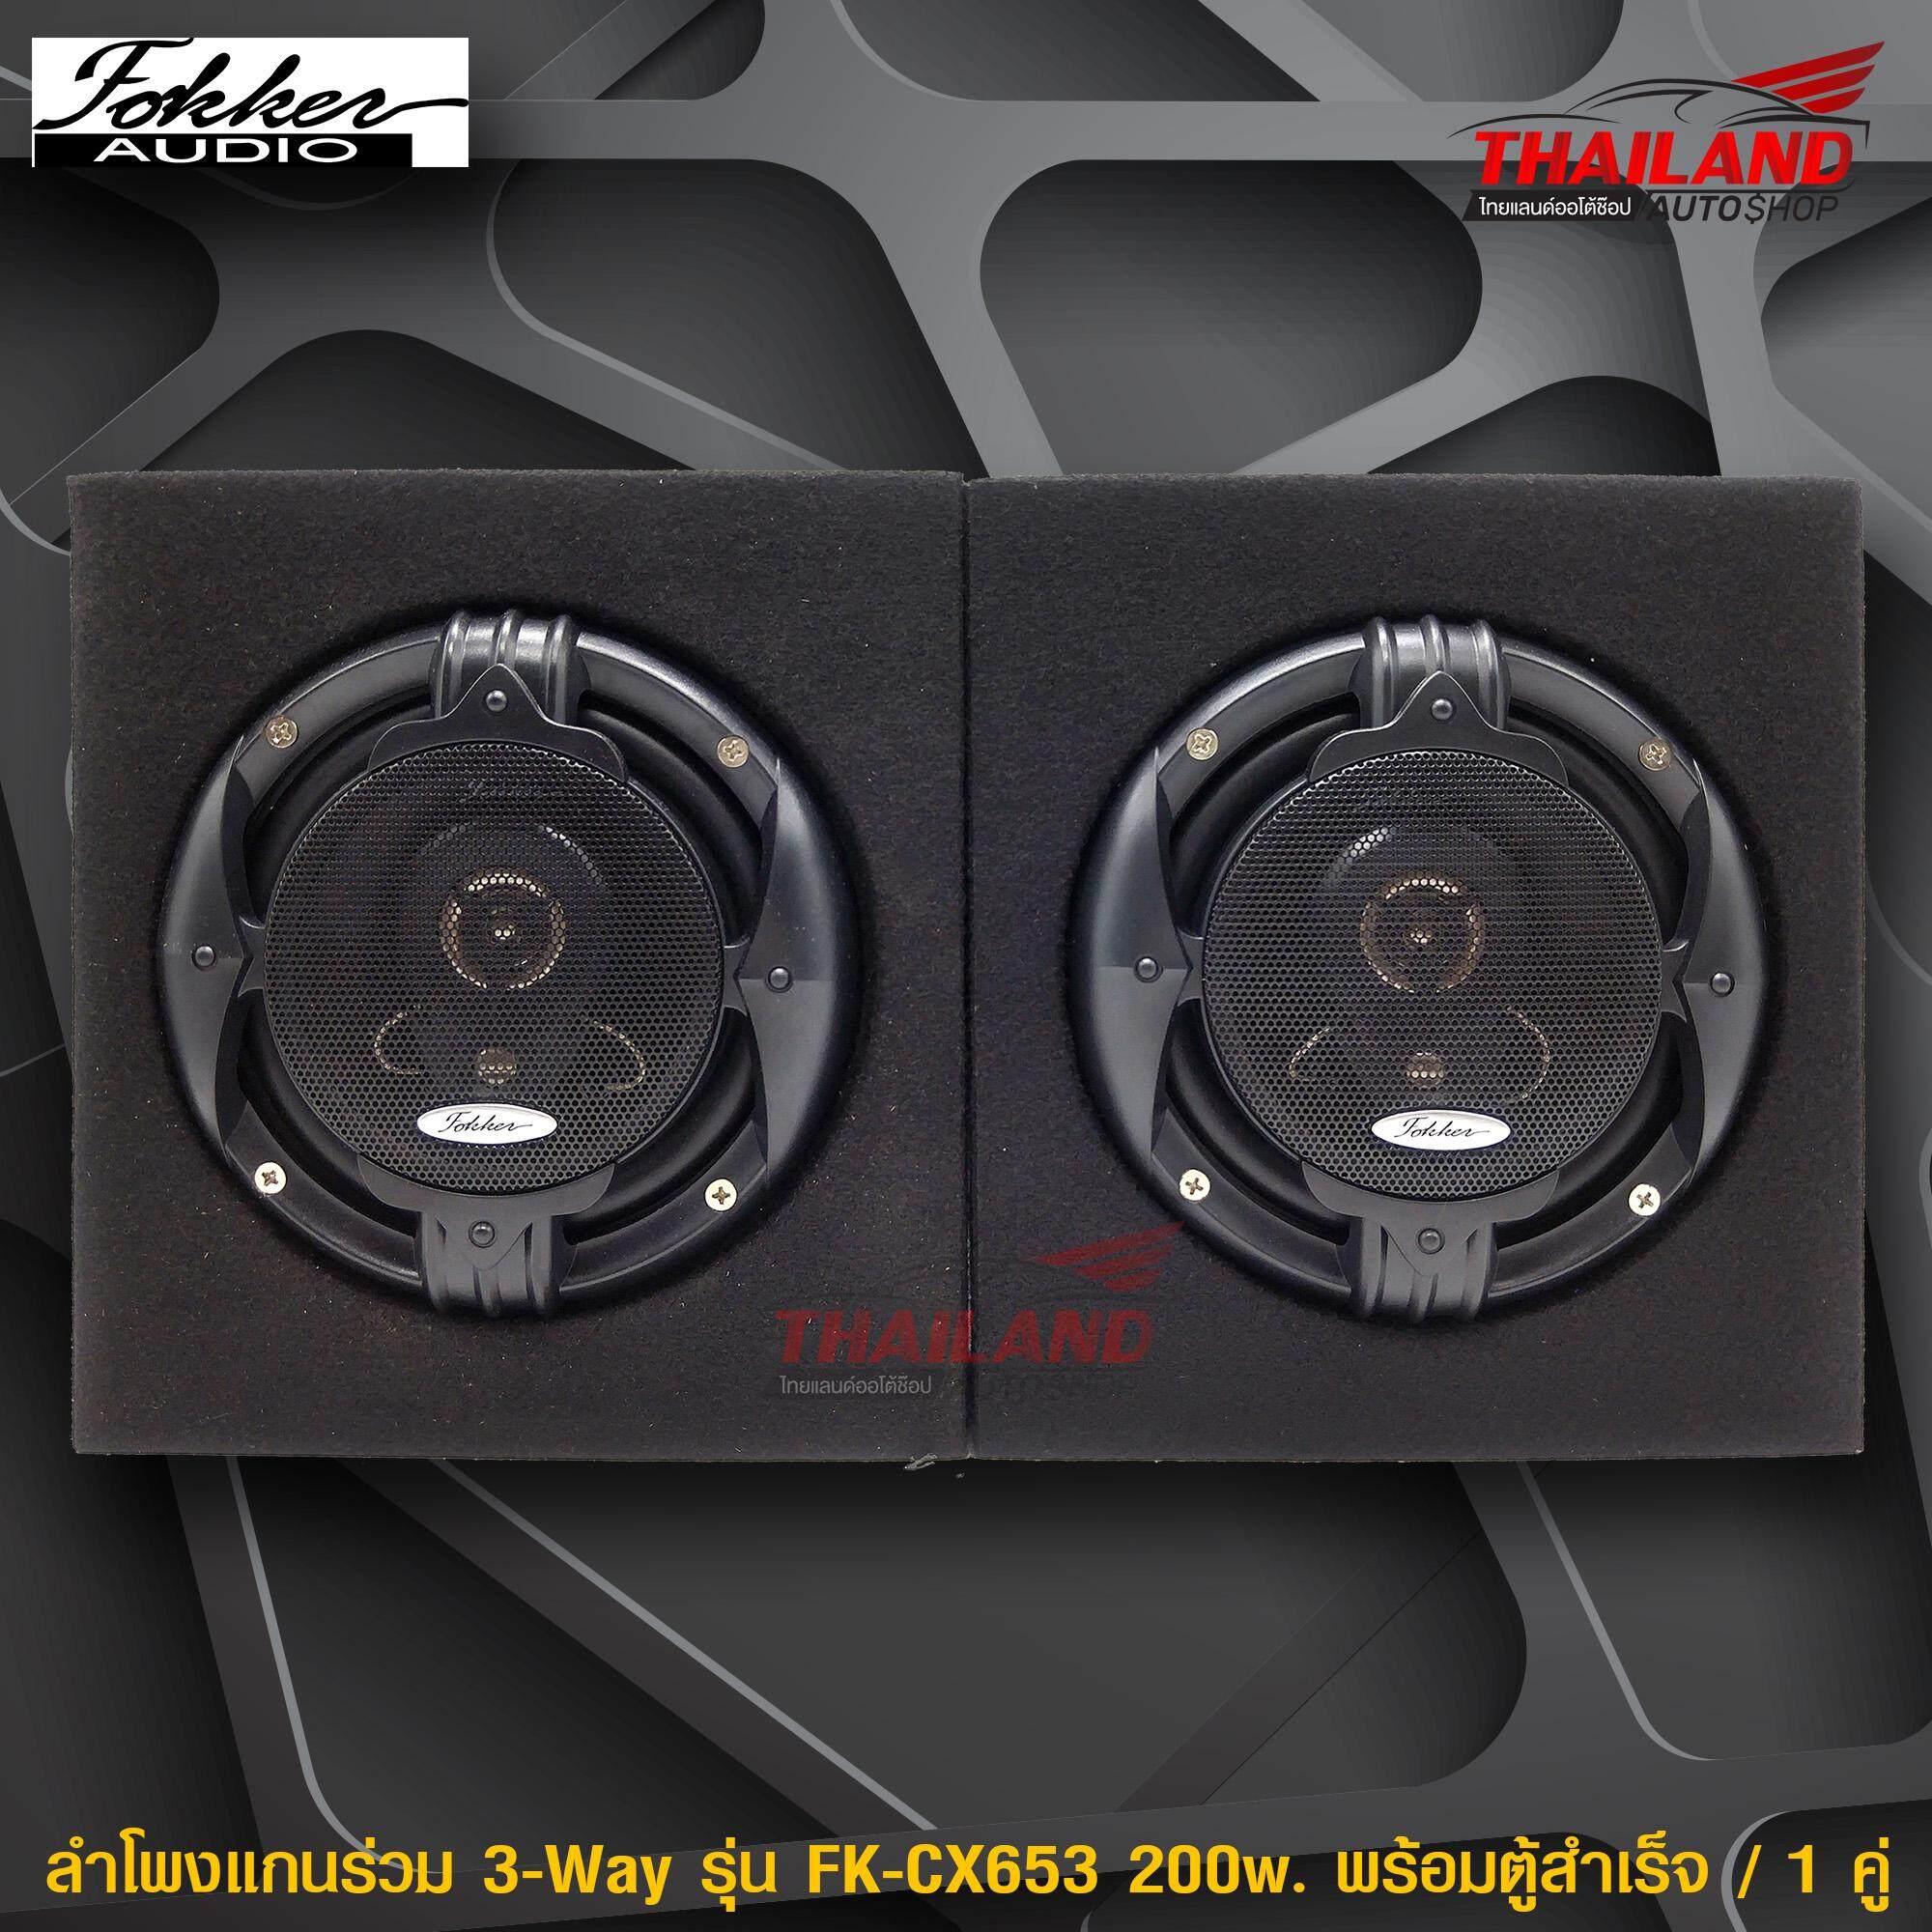 ตู้ลำโพง ขนาด 6.5 นิ้ว หุ้มพรมสีเทา + ลำโพง FOKKER FK-CX653 200w. / ชุด 2 ใบ